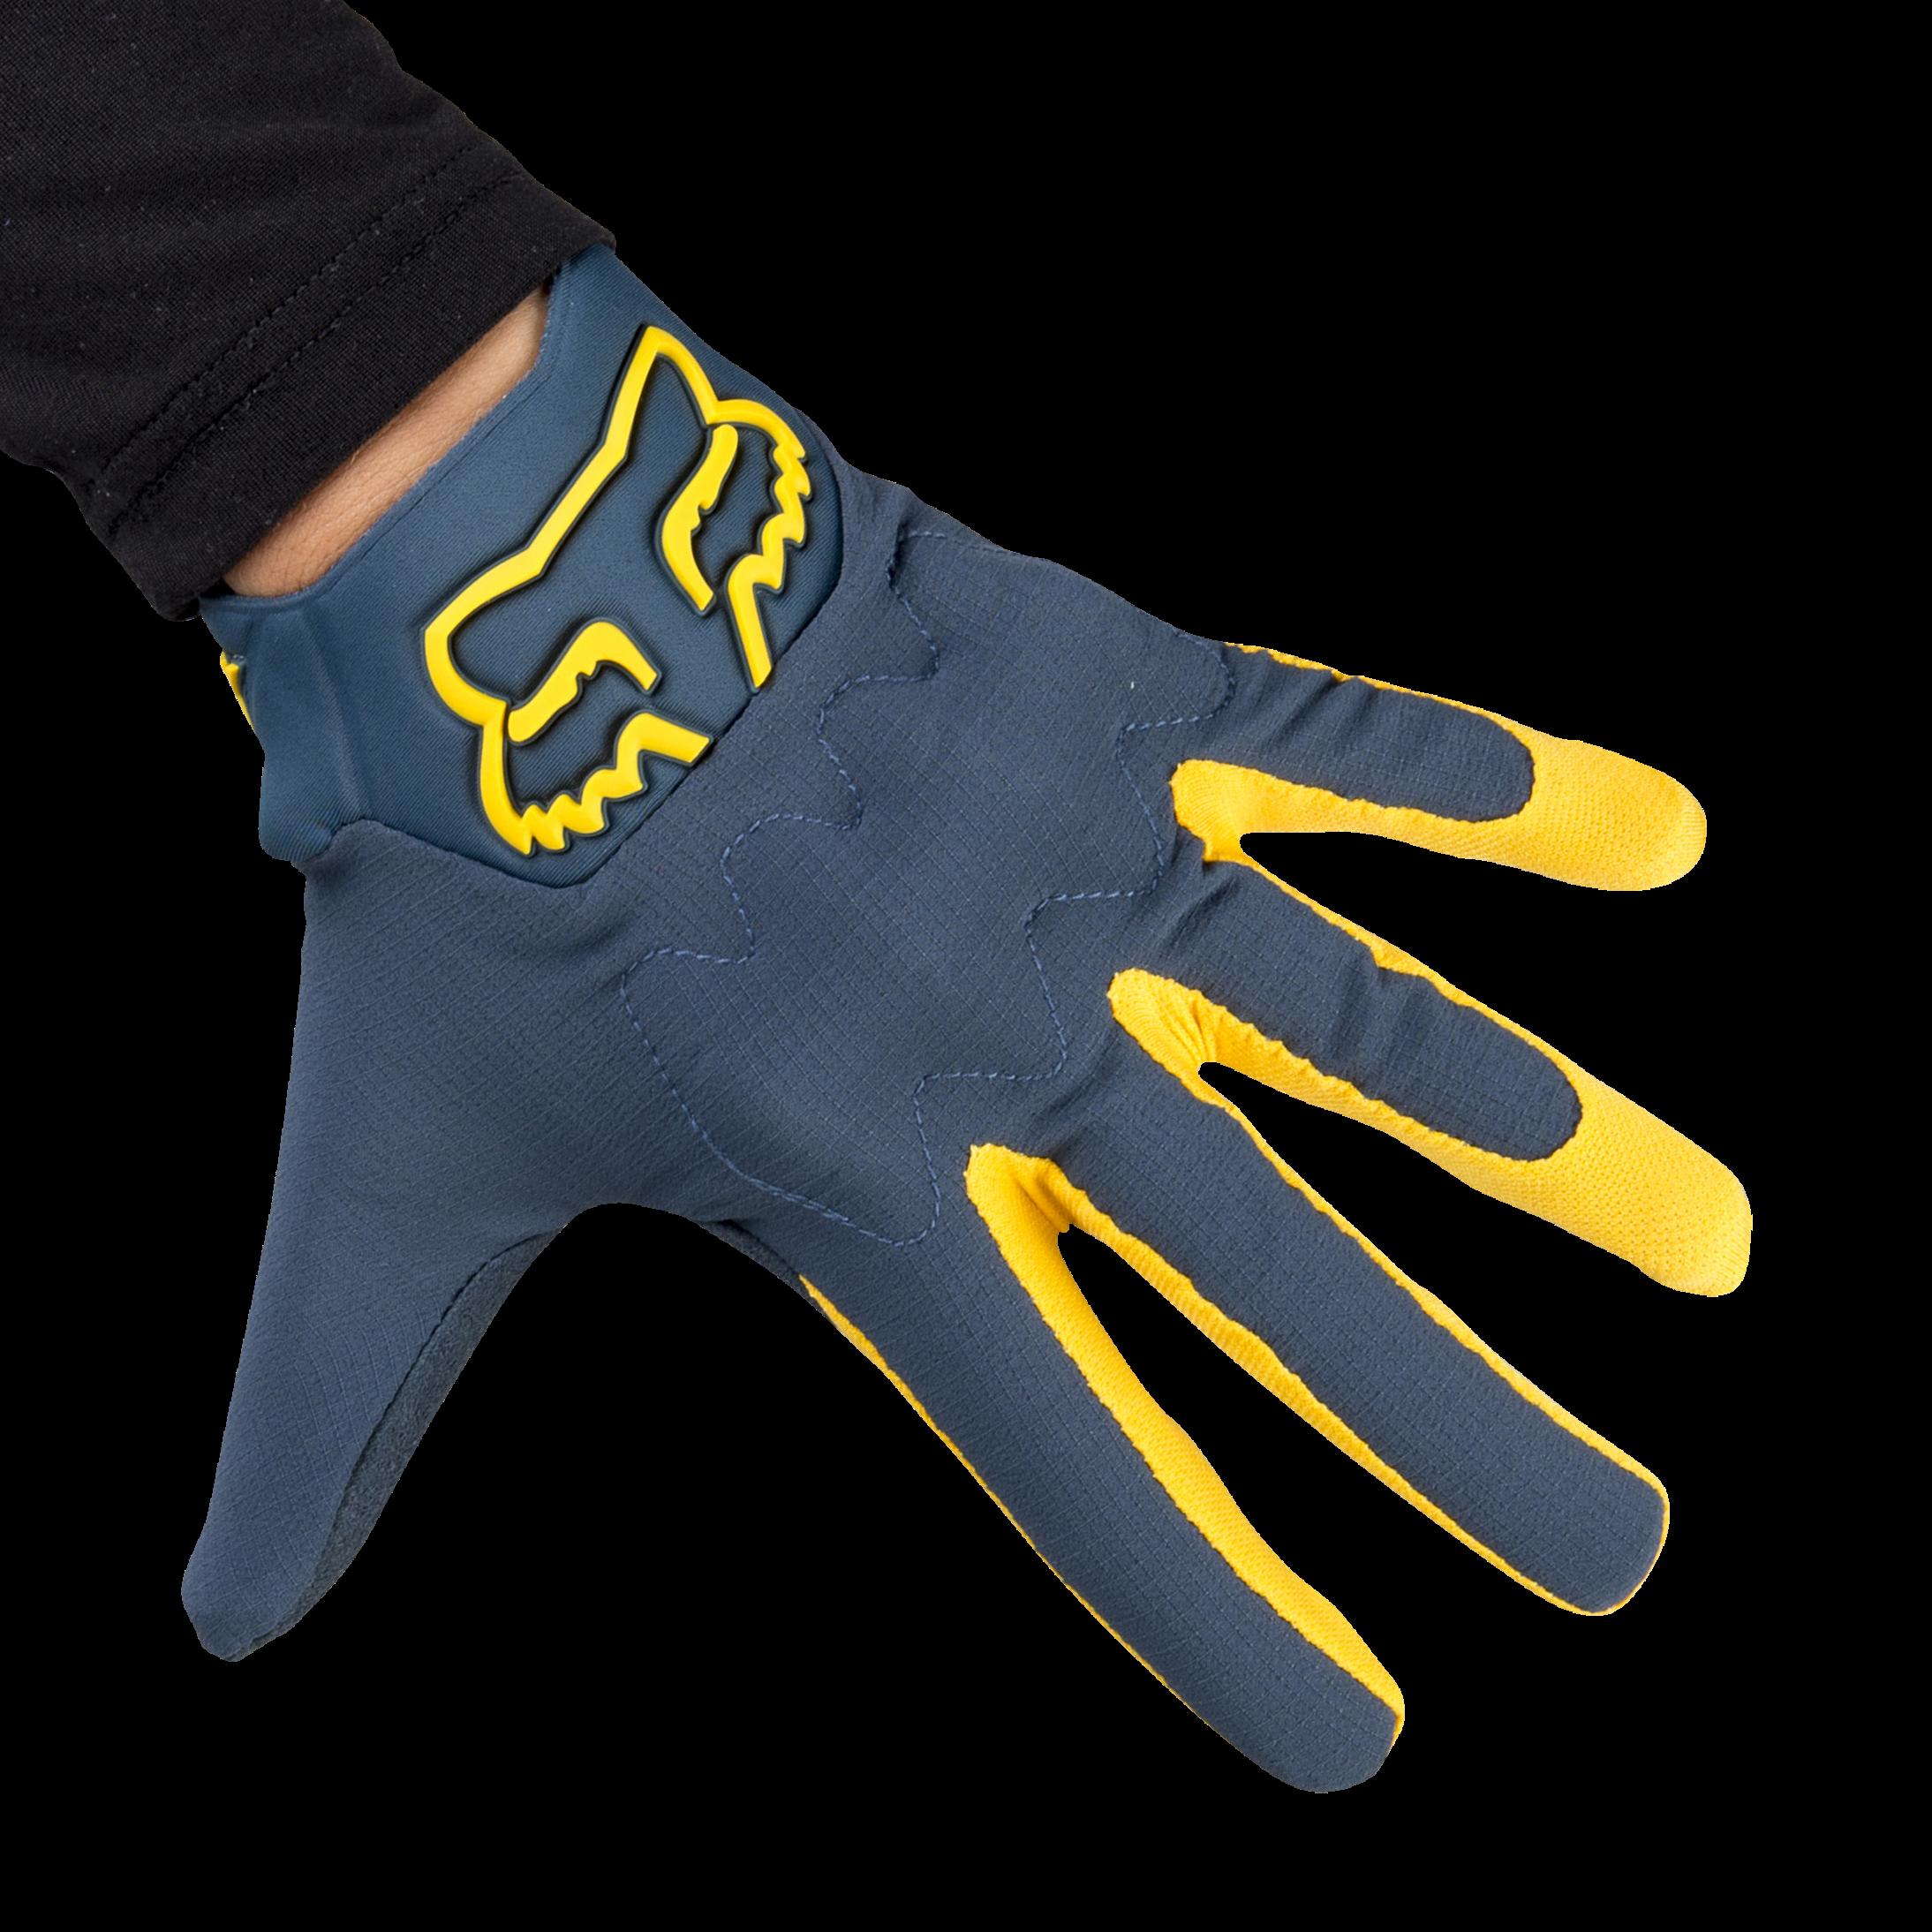 Fox Bomber Lt Glove L blue steel